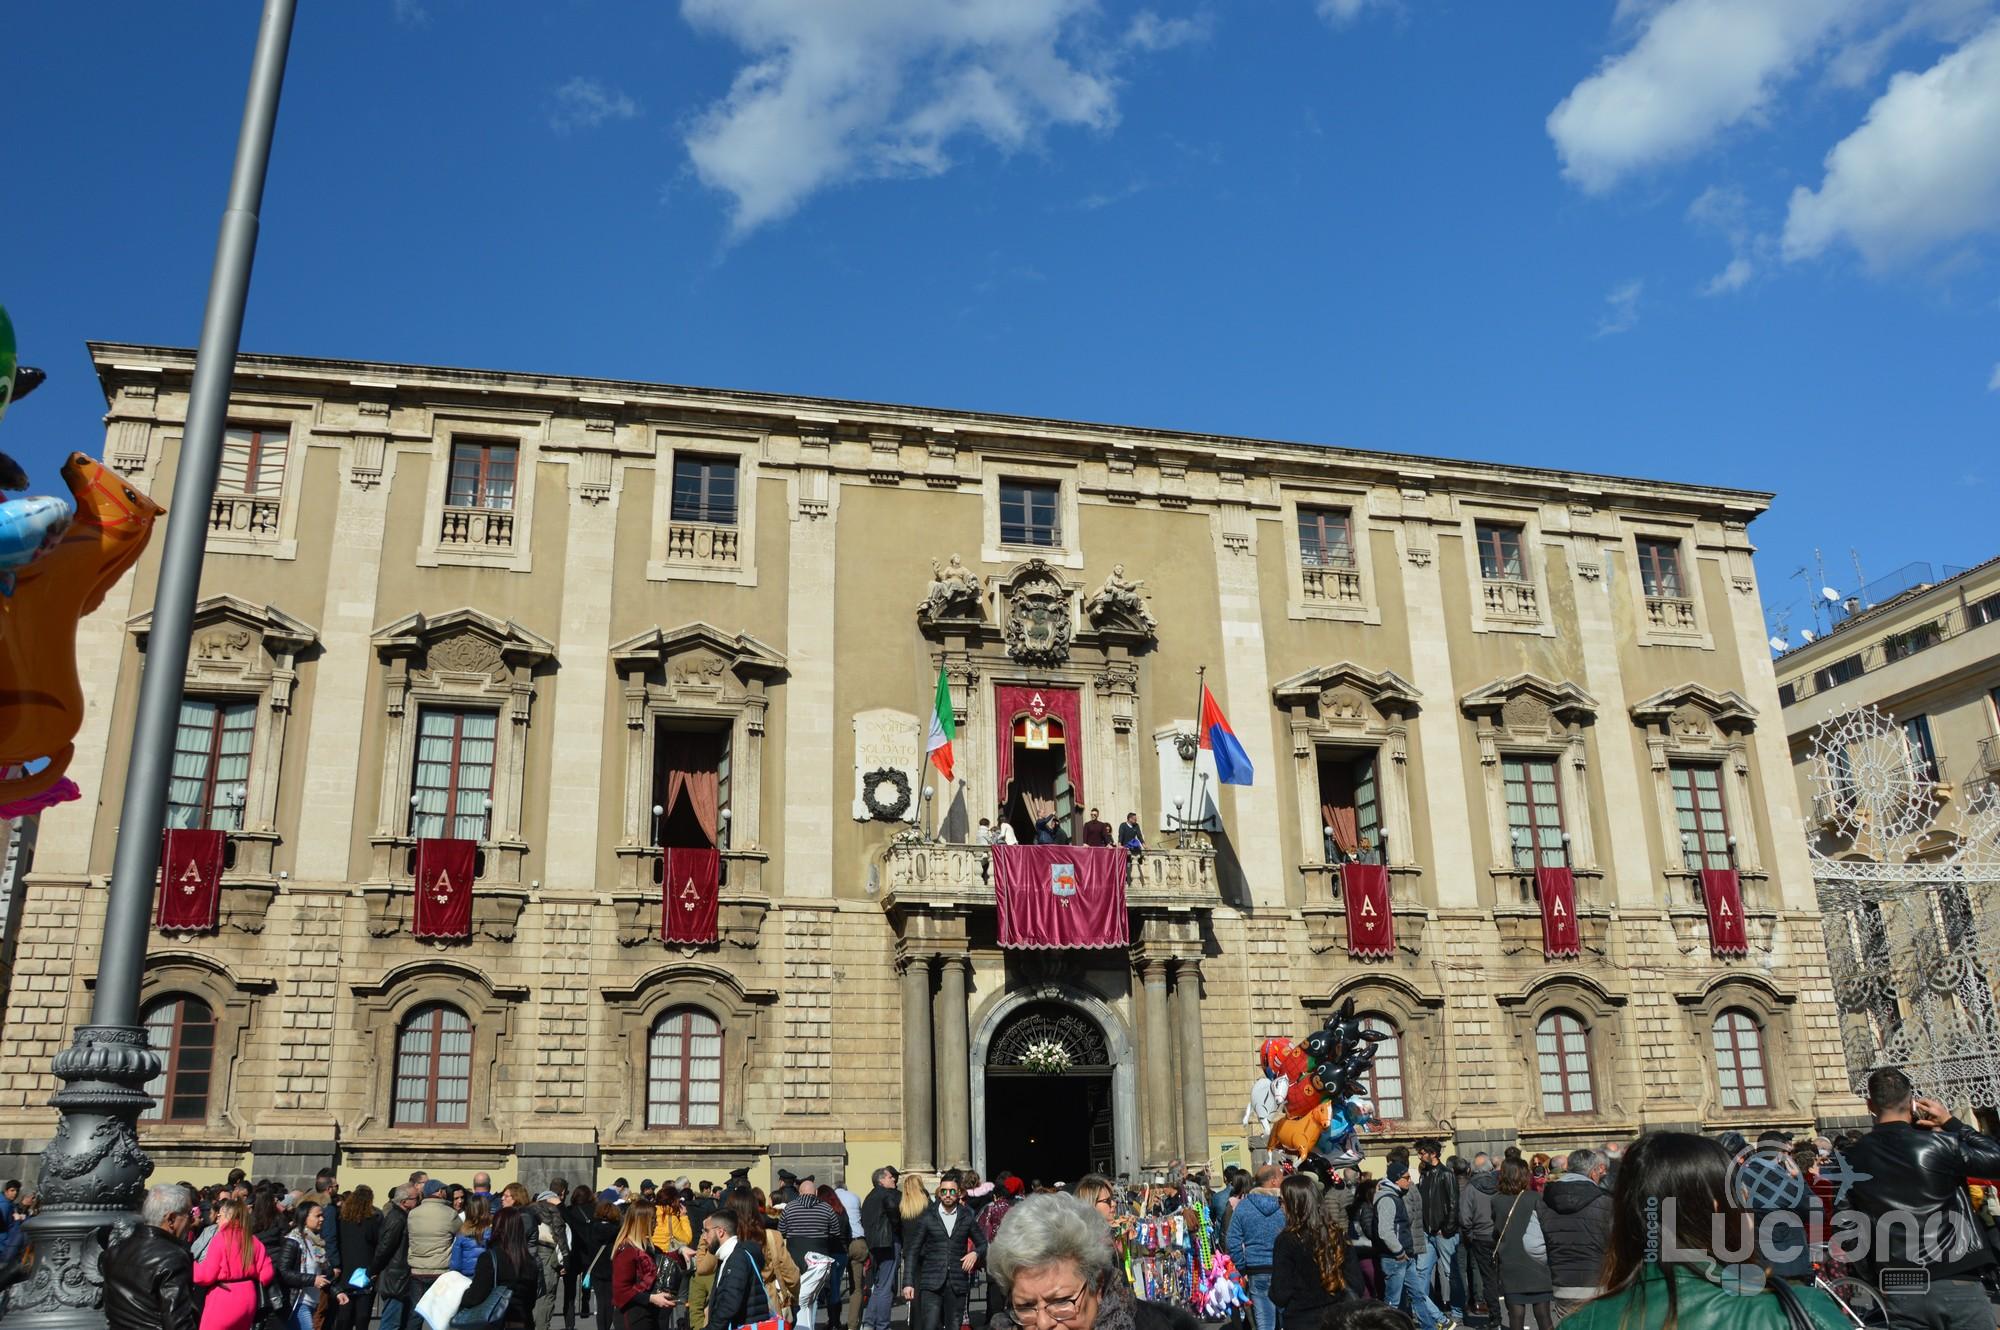 Palazzo Degli Elefanti, durante i festeggiamenti per Sant'Agata 2019 - Catania (CT)